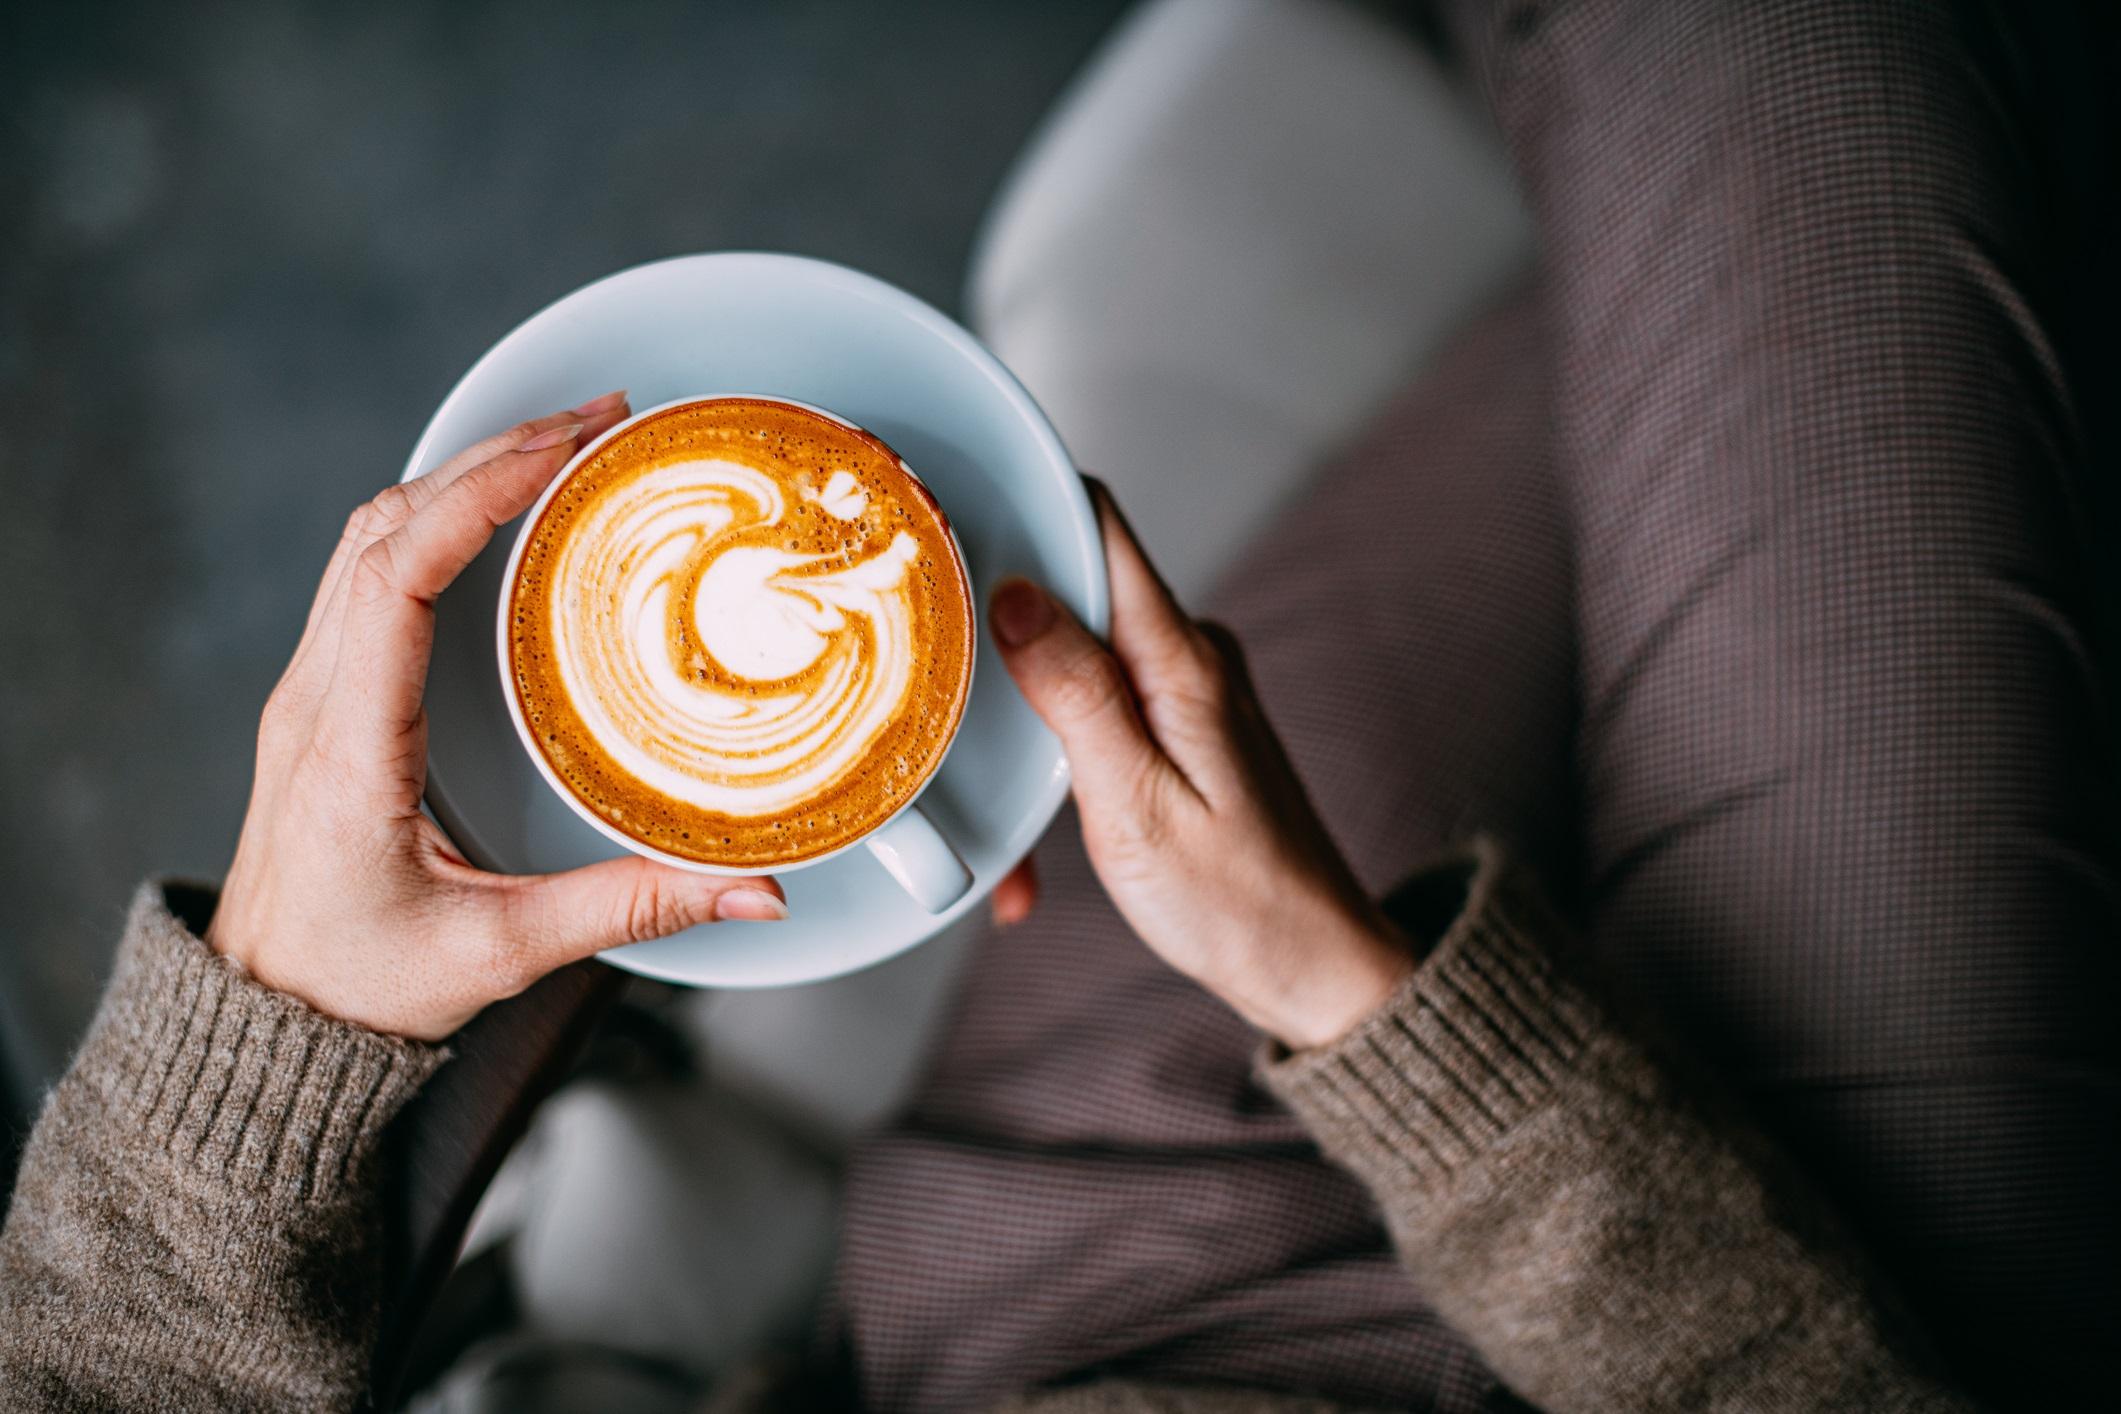 <p><strong>Хора с епилепсия</strong></p>  <p>Ограничеи проучвания показват, че тежката консумация на кафе е свързана с повишена честота на припадъците. Помислете за разговор с вашия невролог за приема на кофеин, ако имате епилепсия.</p>